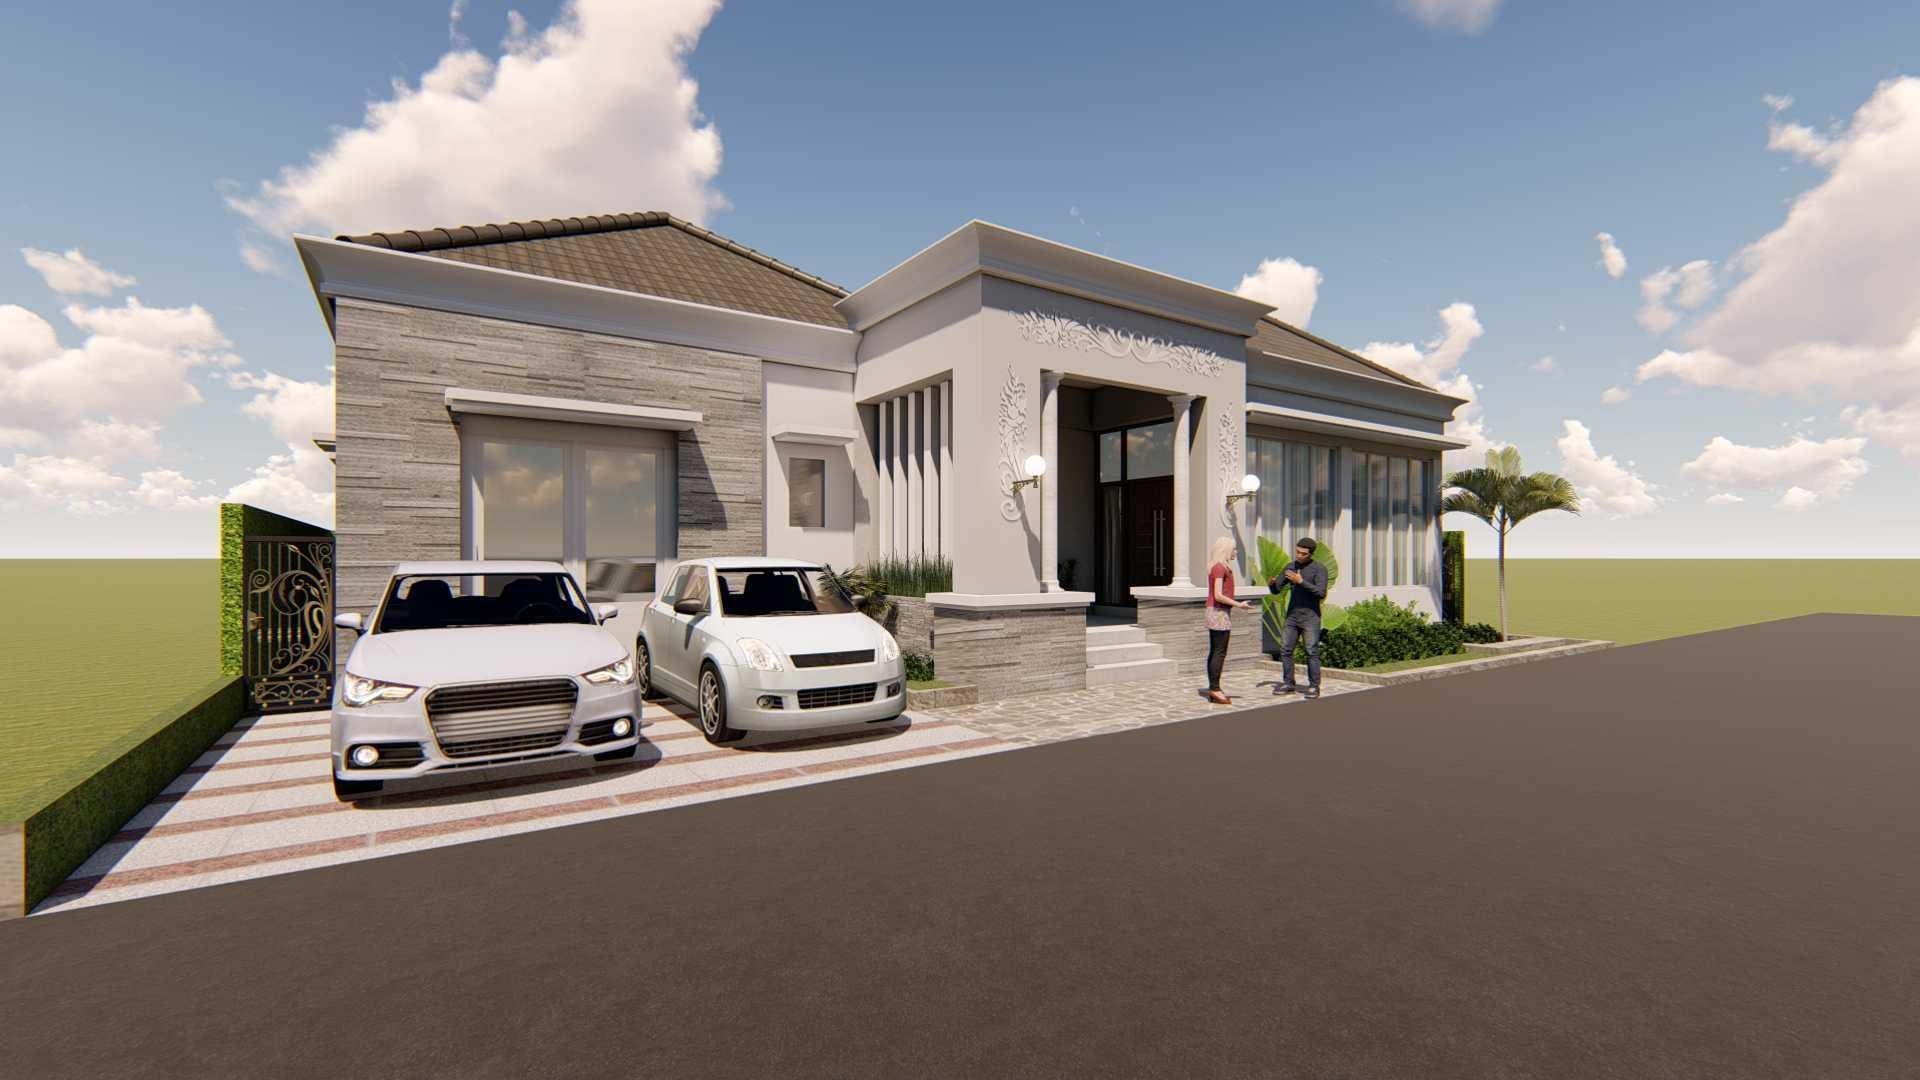 Astabumi Studio Pr House Tegal Tegal, Kota Tegal, Jawa Tengah, Indonesia Yogyakarta Cv-Astabumi-Manunggal-Prakarsa-Jto-Jogja-Trade-Office  119454